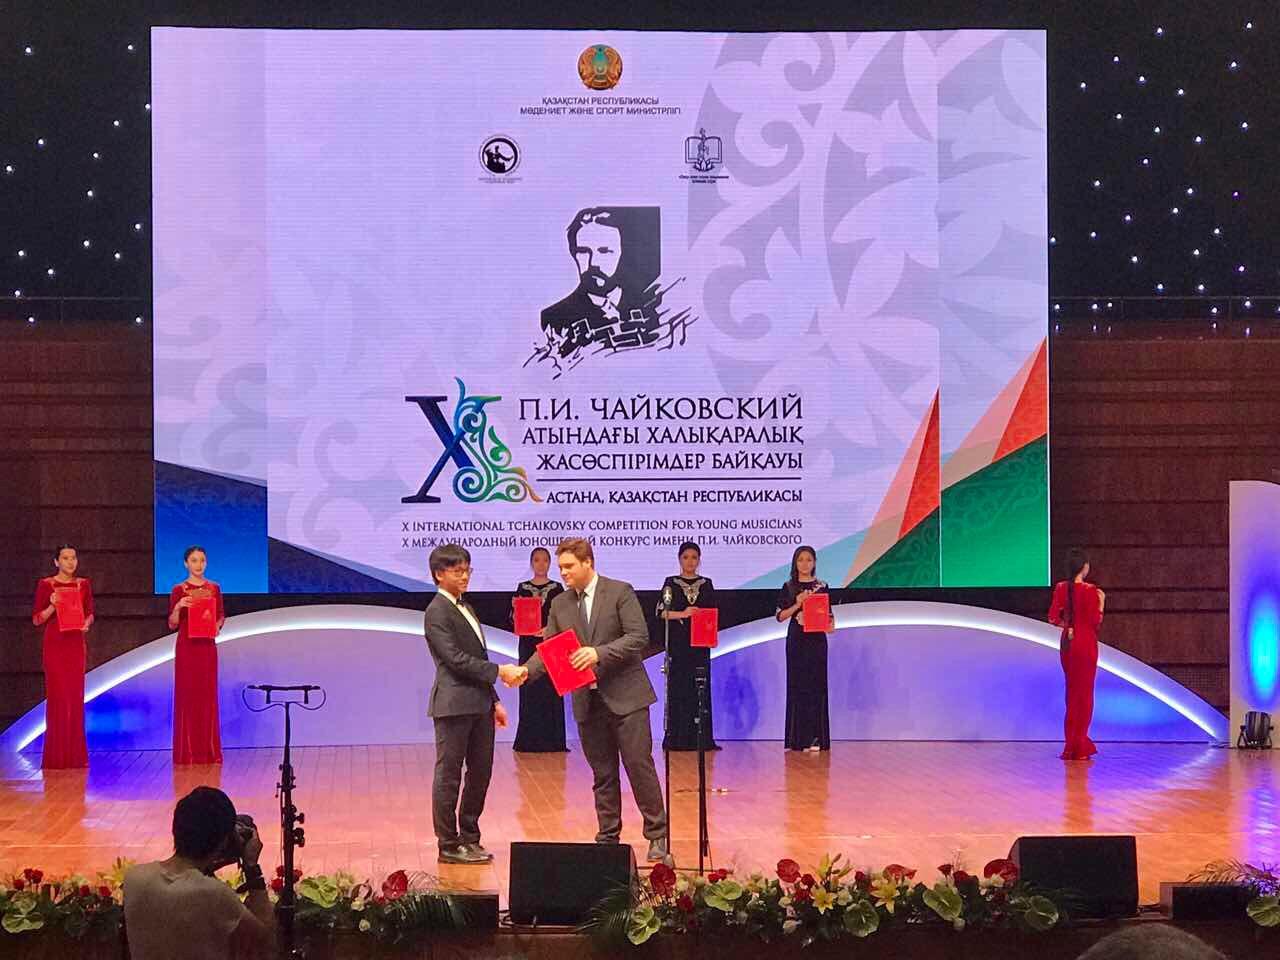 Trò cưng của Bùi Công Duy đoạt giải cuộc thi Tchaikovsky dành cho lứa tuổi trẻ lần thứ X